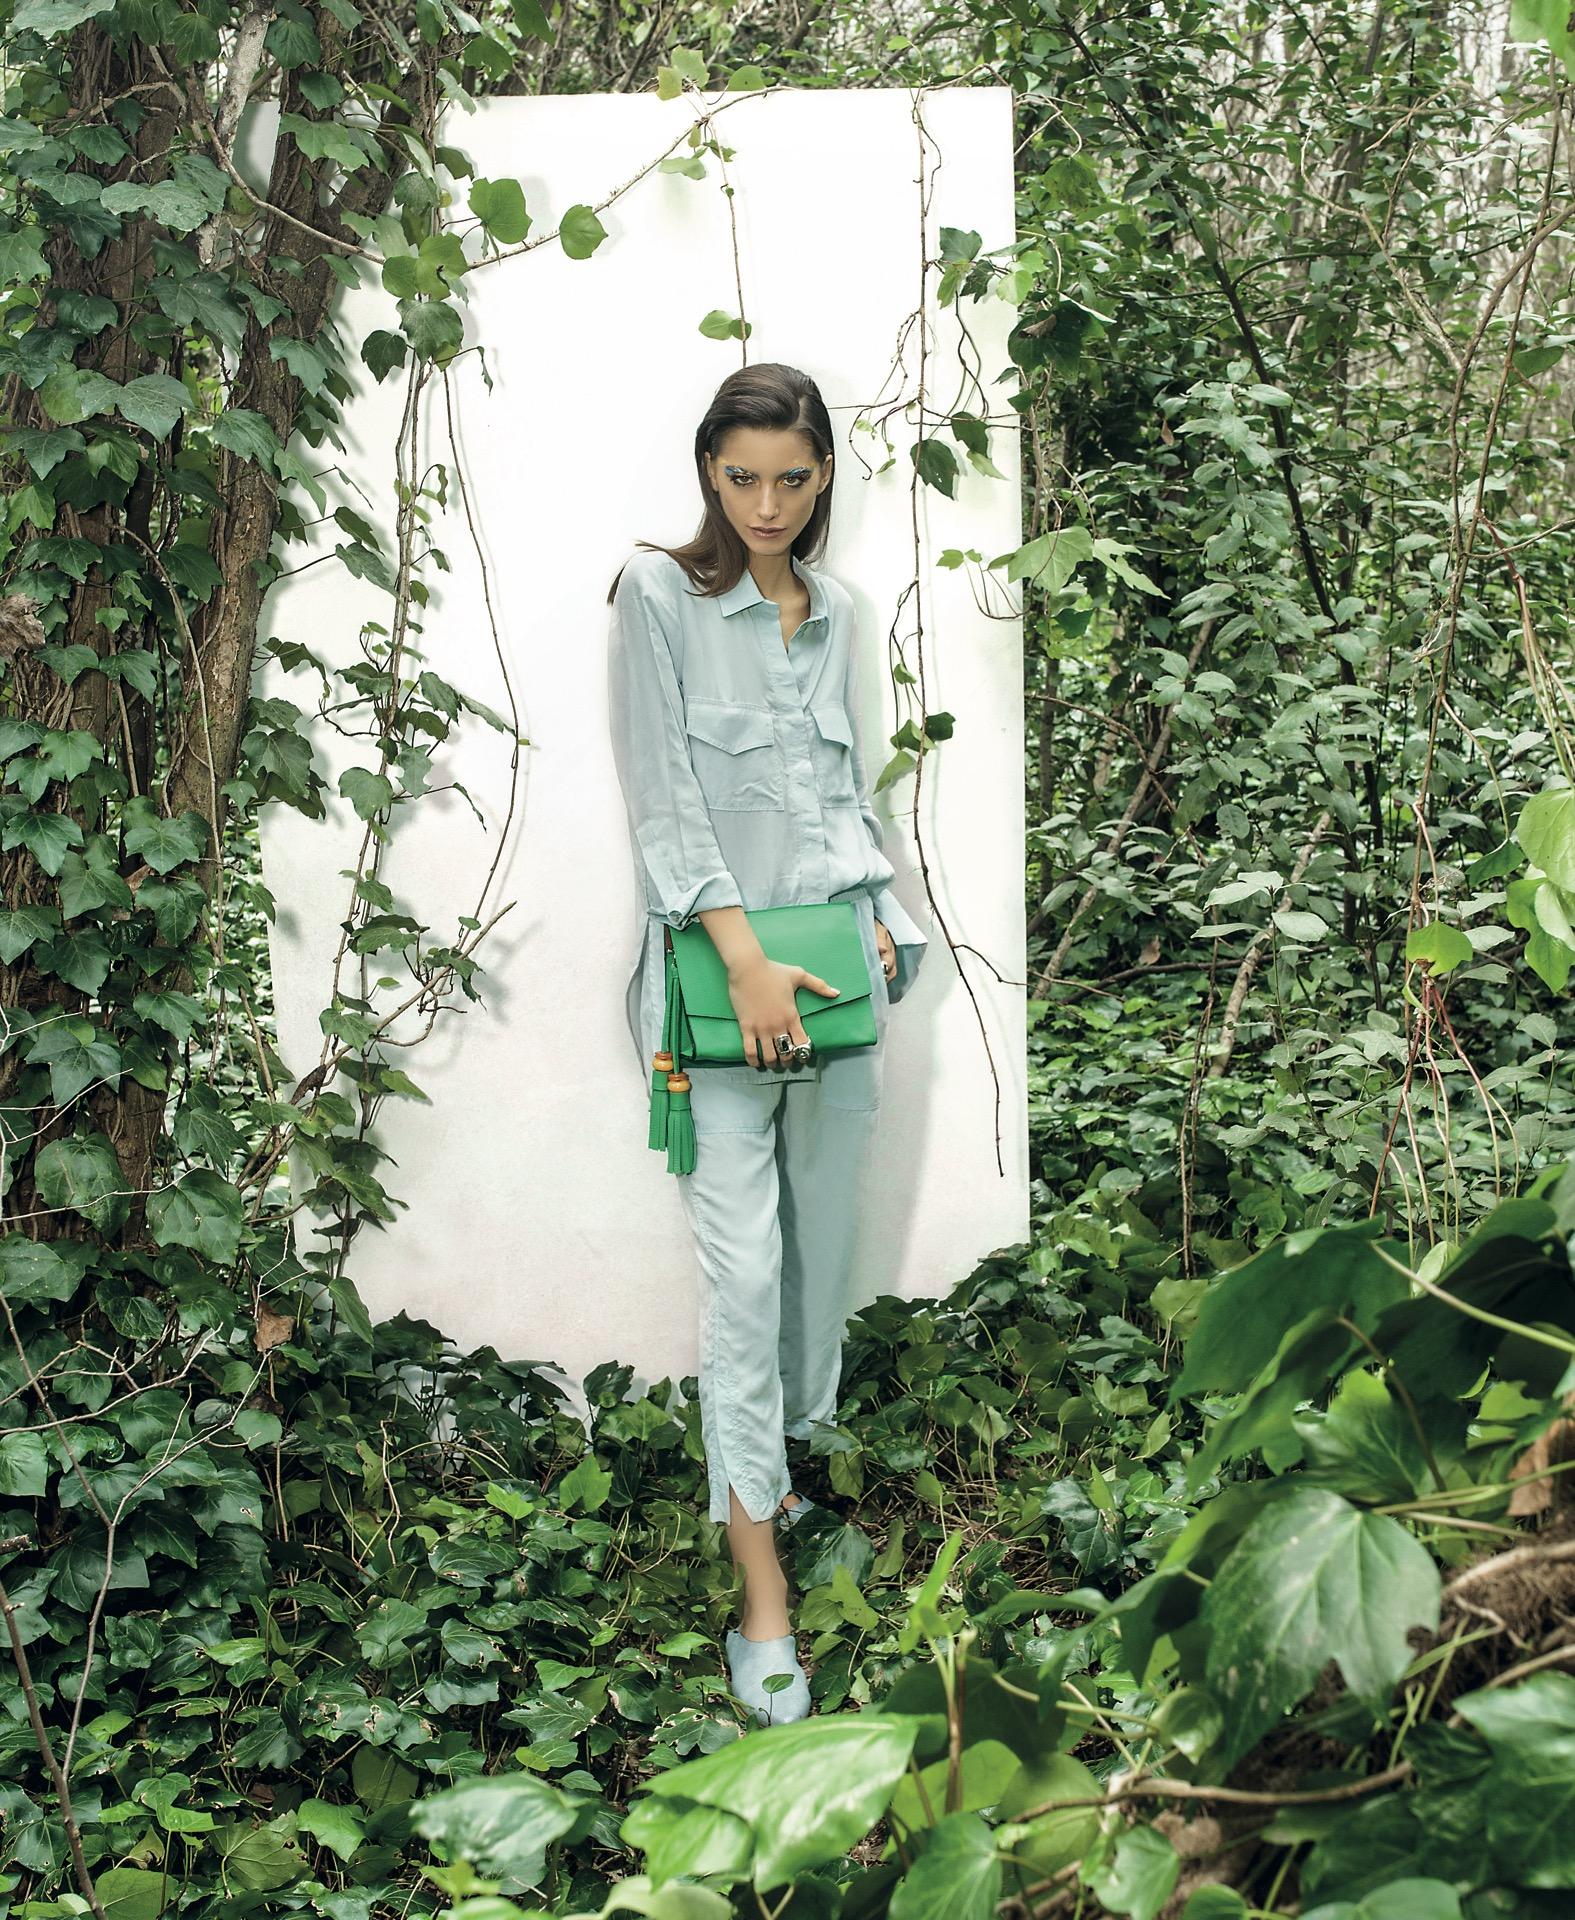 Camisa con bolsillos y pantalón (Cher), cartera de cuero($ 3.900, Clara Ibarguren), slippers ($ 2.400, a pie) y anillos de plata (uno de 50). Fotos Juan Jauregui/Para Ti